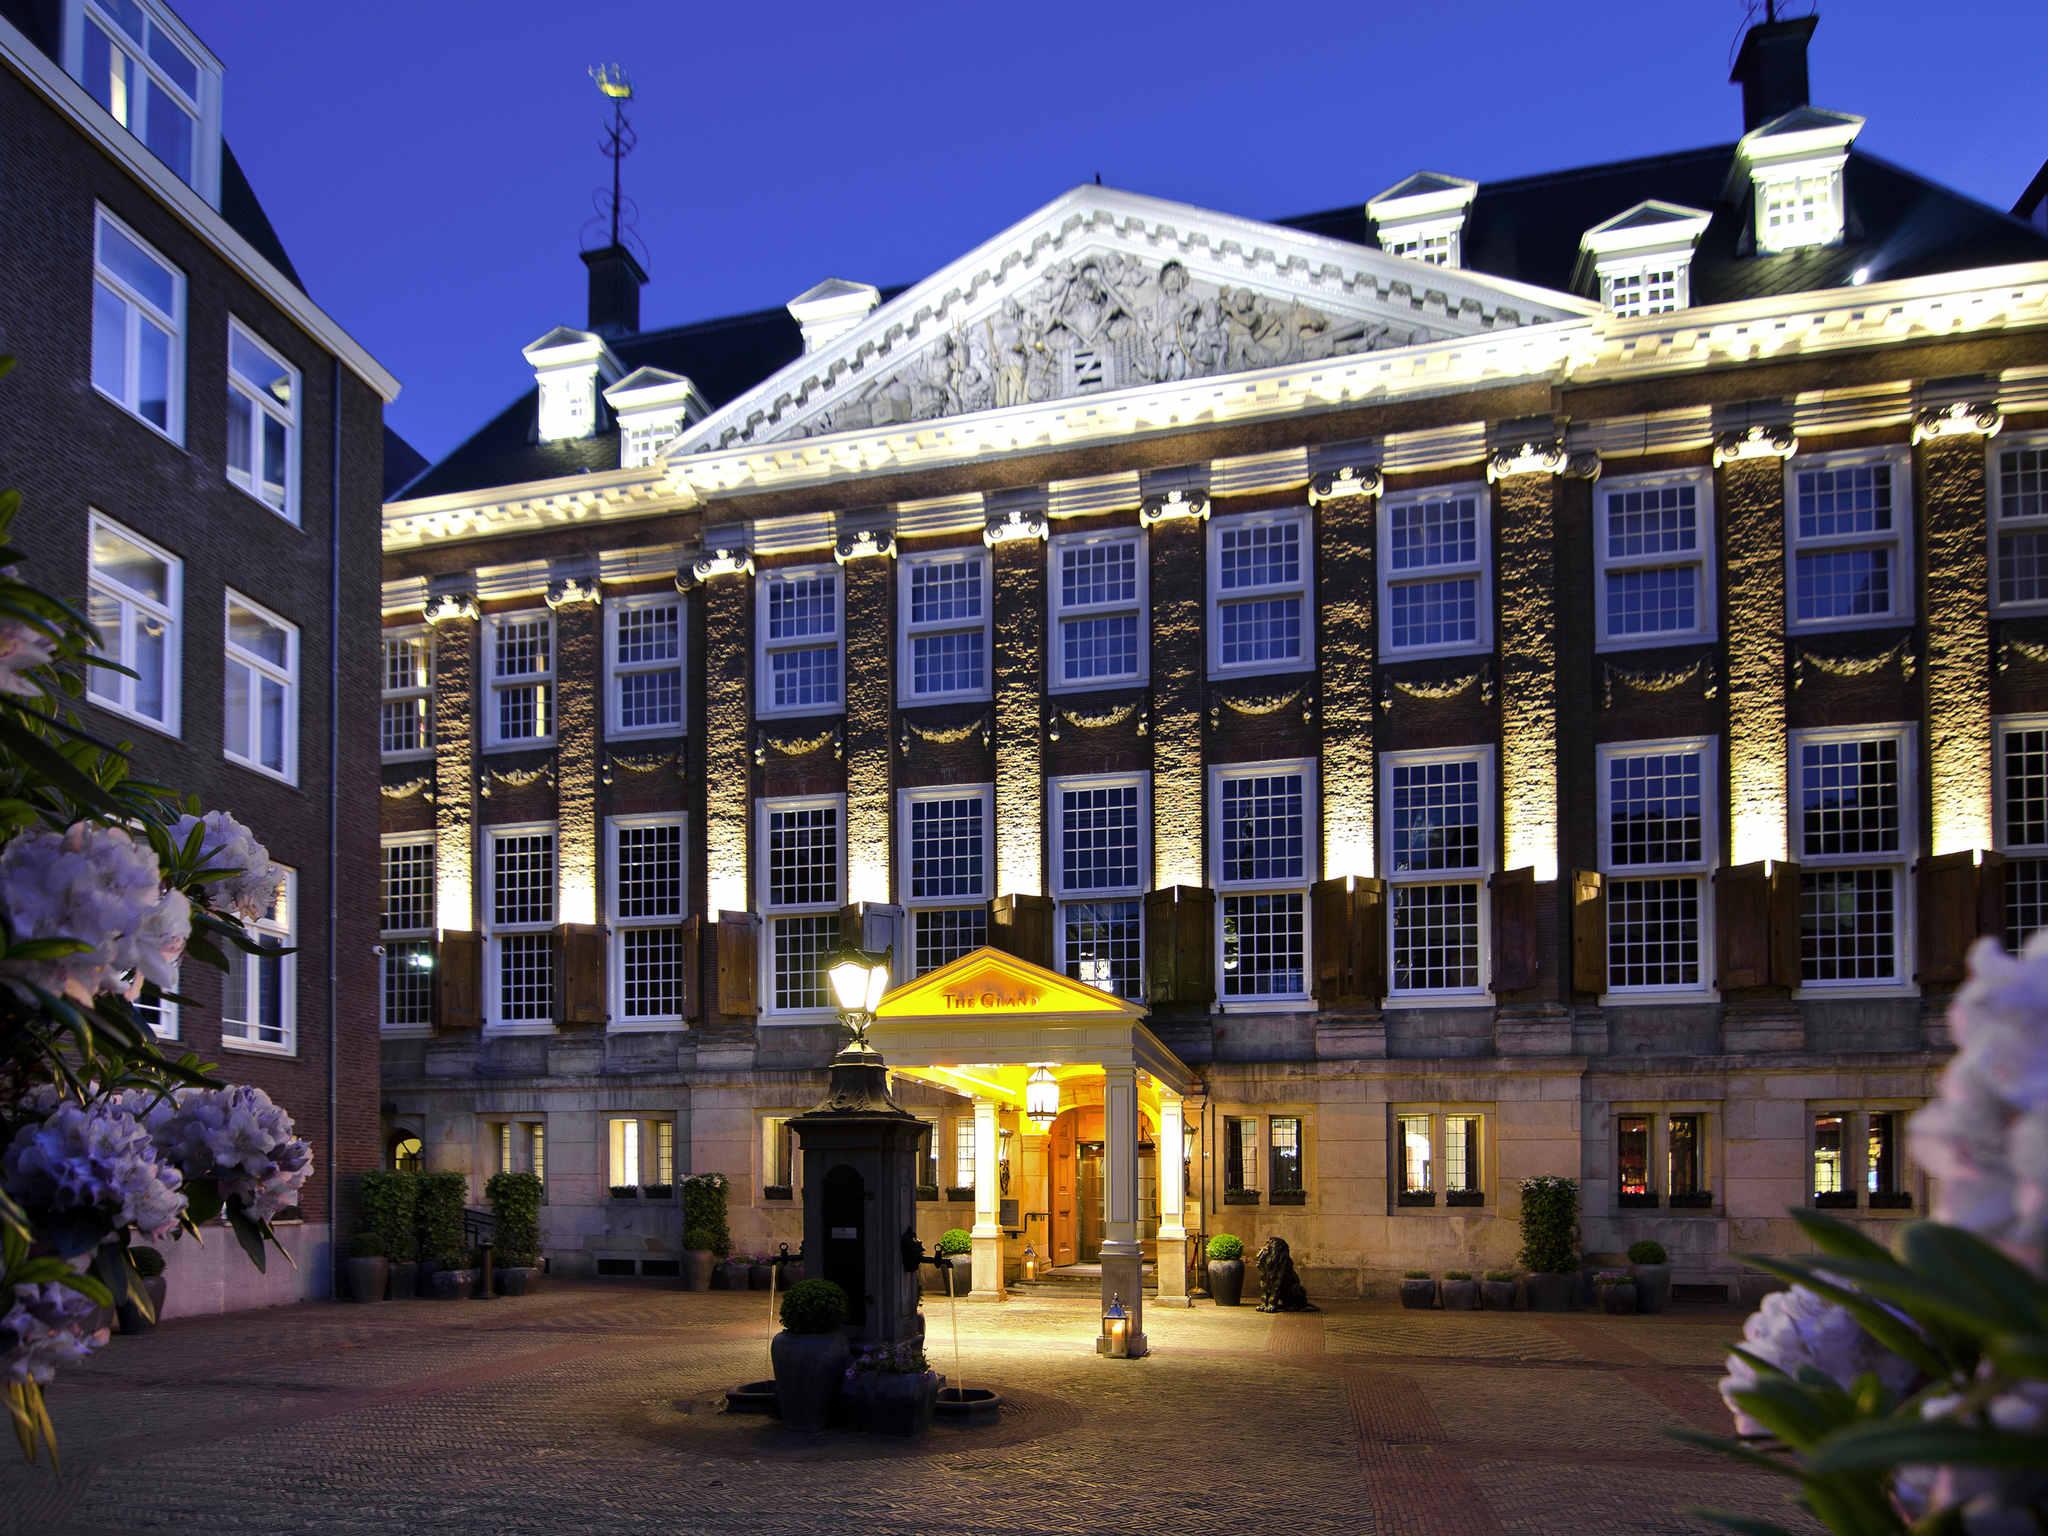 โรงแรม – คาแนล เฮาส์ สวีท แอท โซฟิเทล เลเจนด์ เดอะ แกรนด์ อัมสเตอร์ดัม